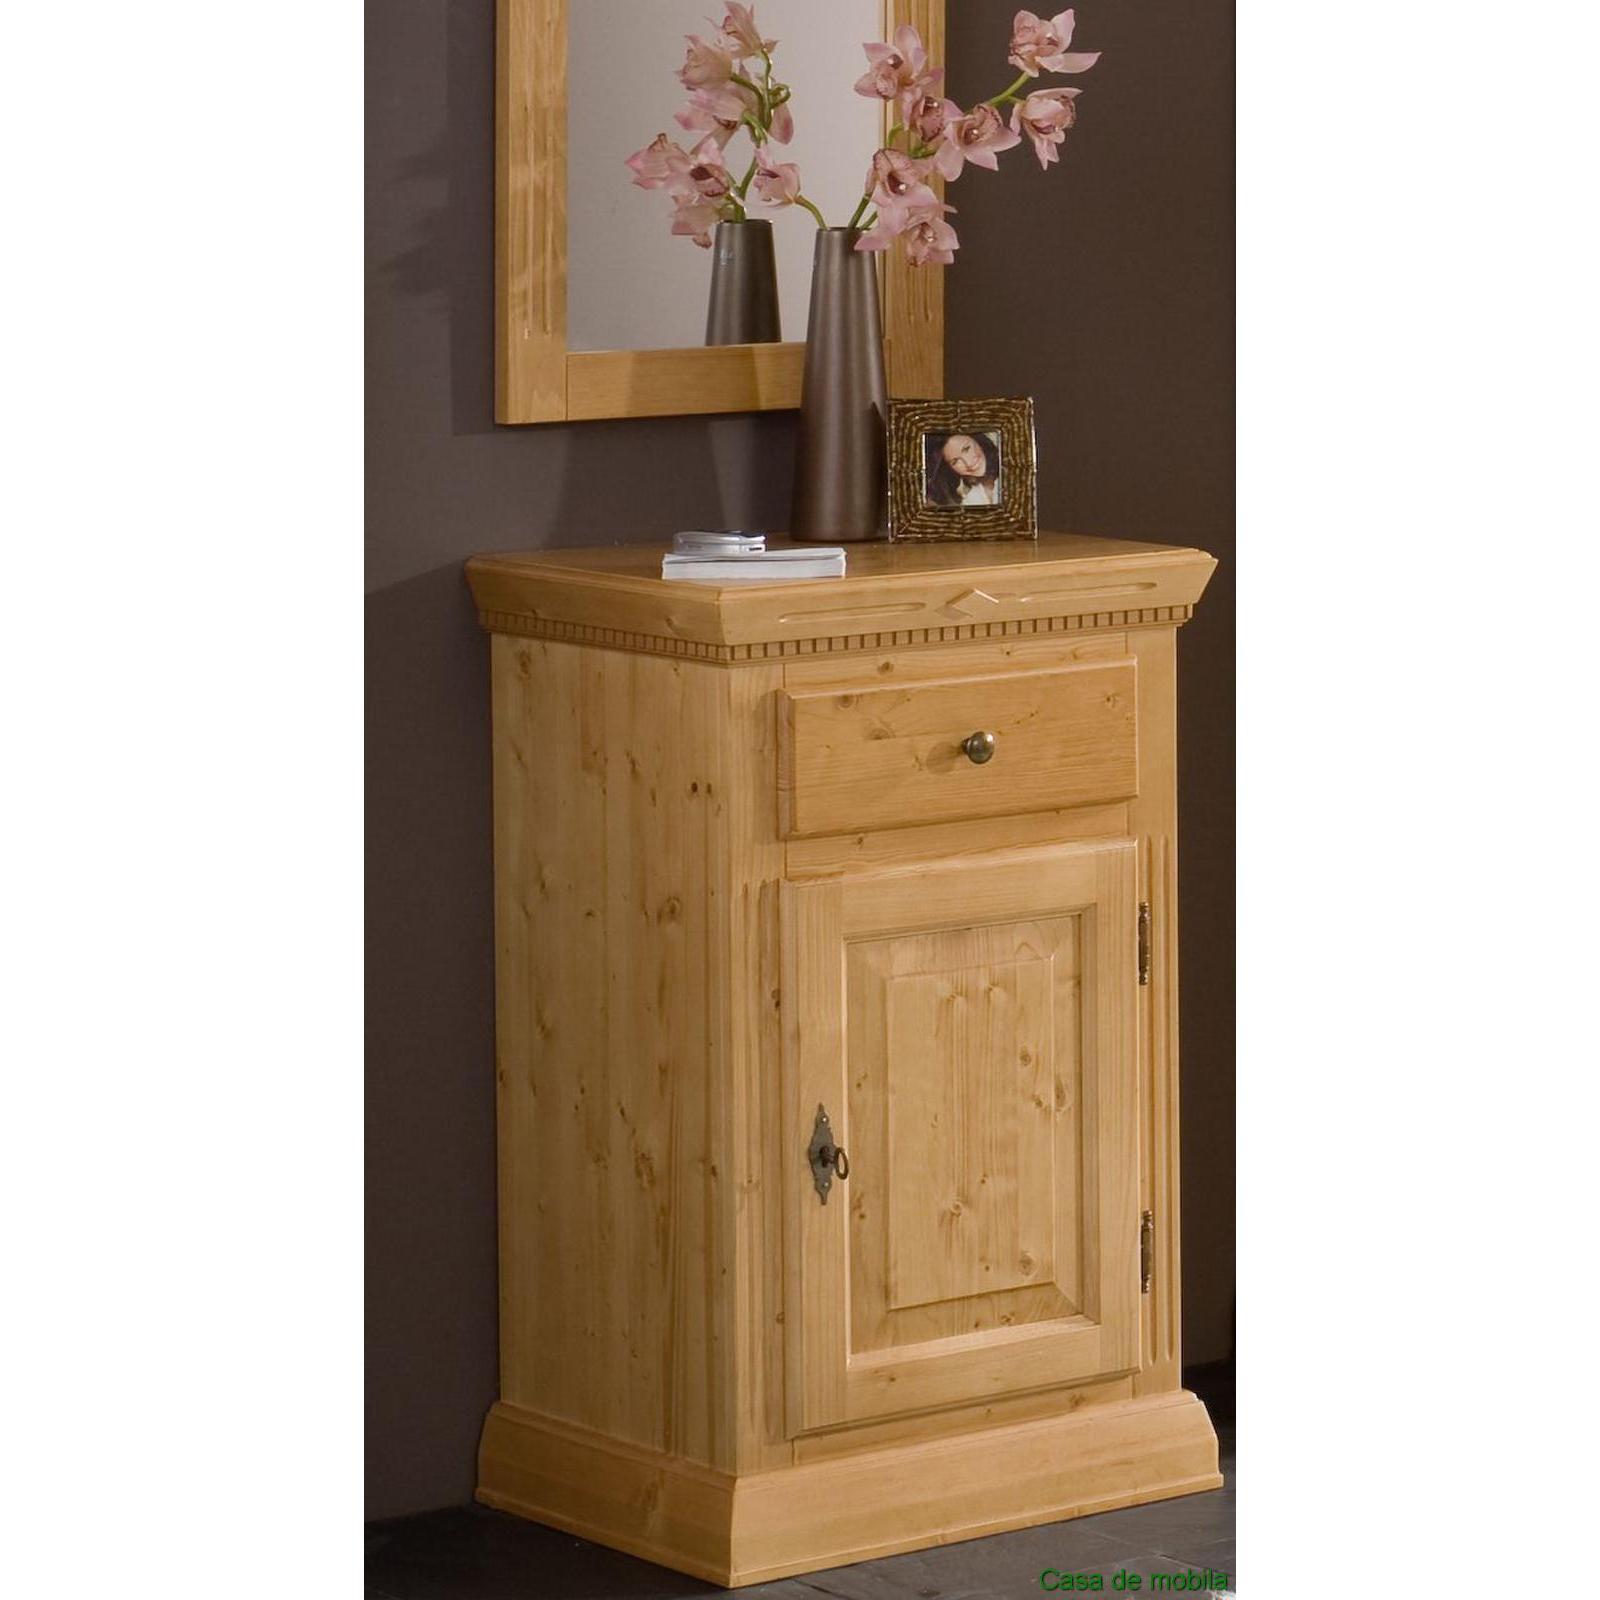 massivholz garderoben set flur garderobe flurm bel dielenm bel holz massiv antik ebay. Black Bedroom Furniture Sets. Home Design Ideas